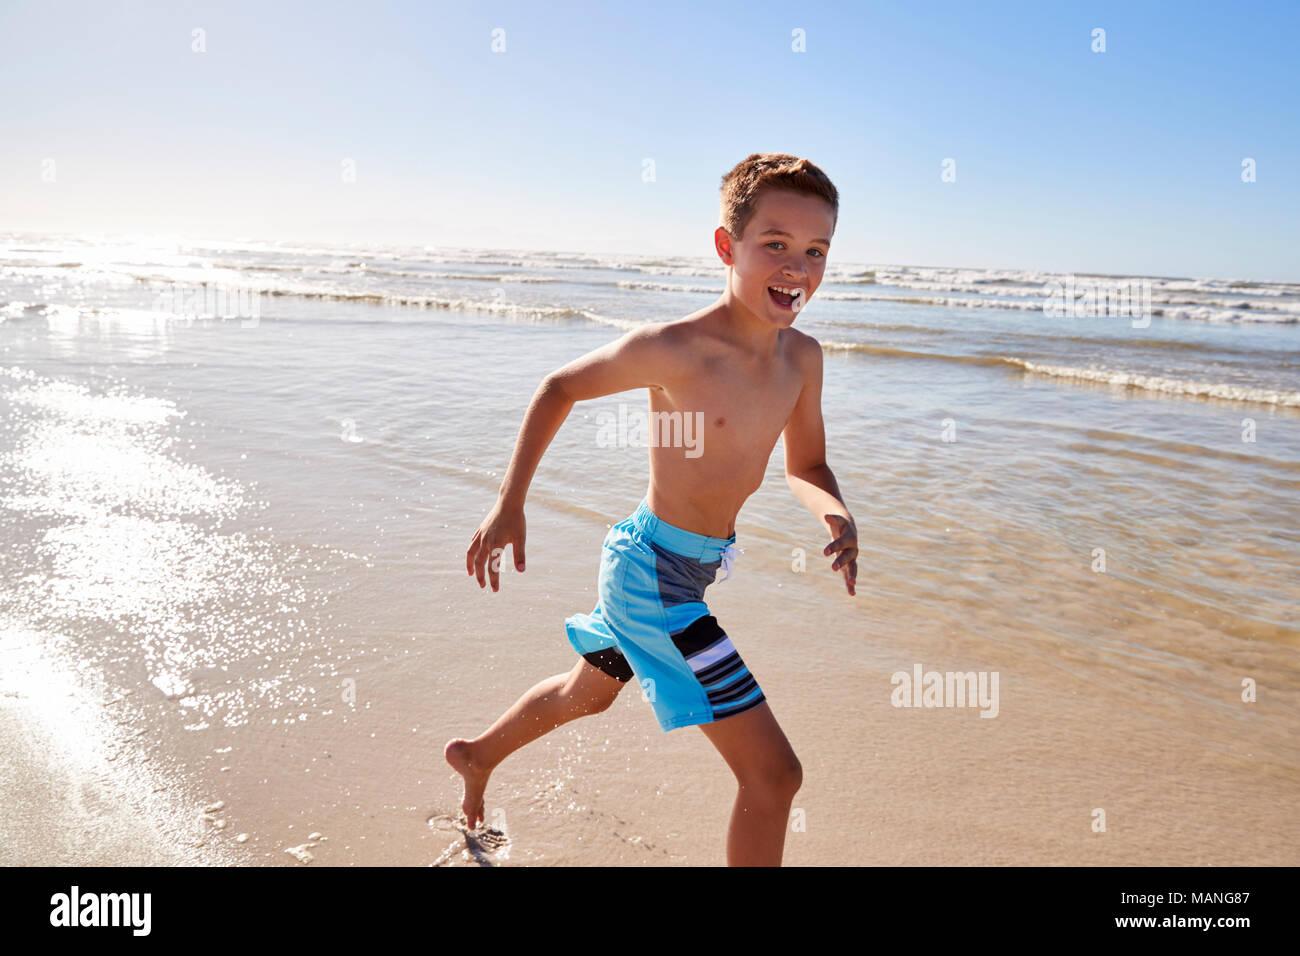 Retrato de niño corriendo a través de ondas en las vacaciones de verano Imagen De Stock